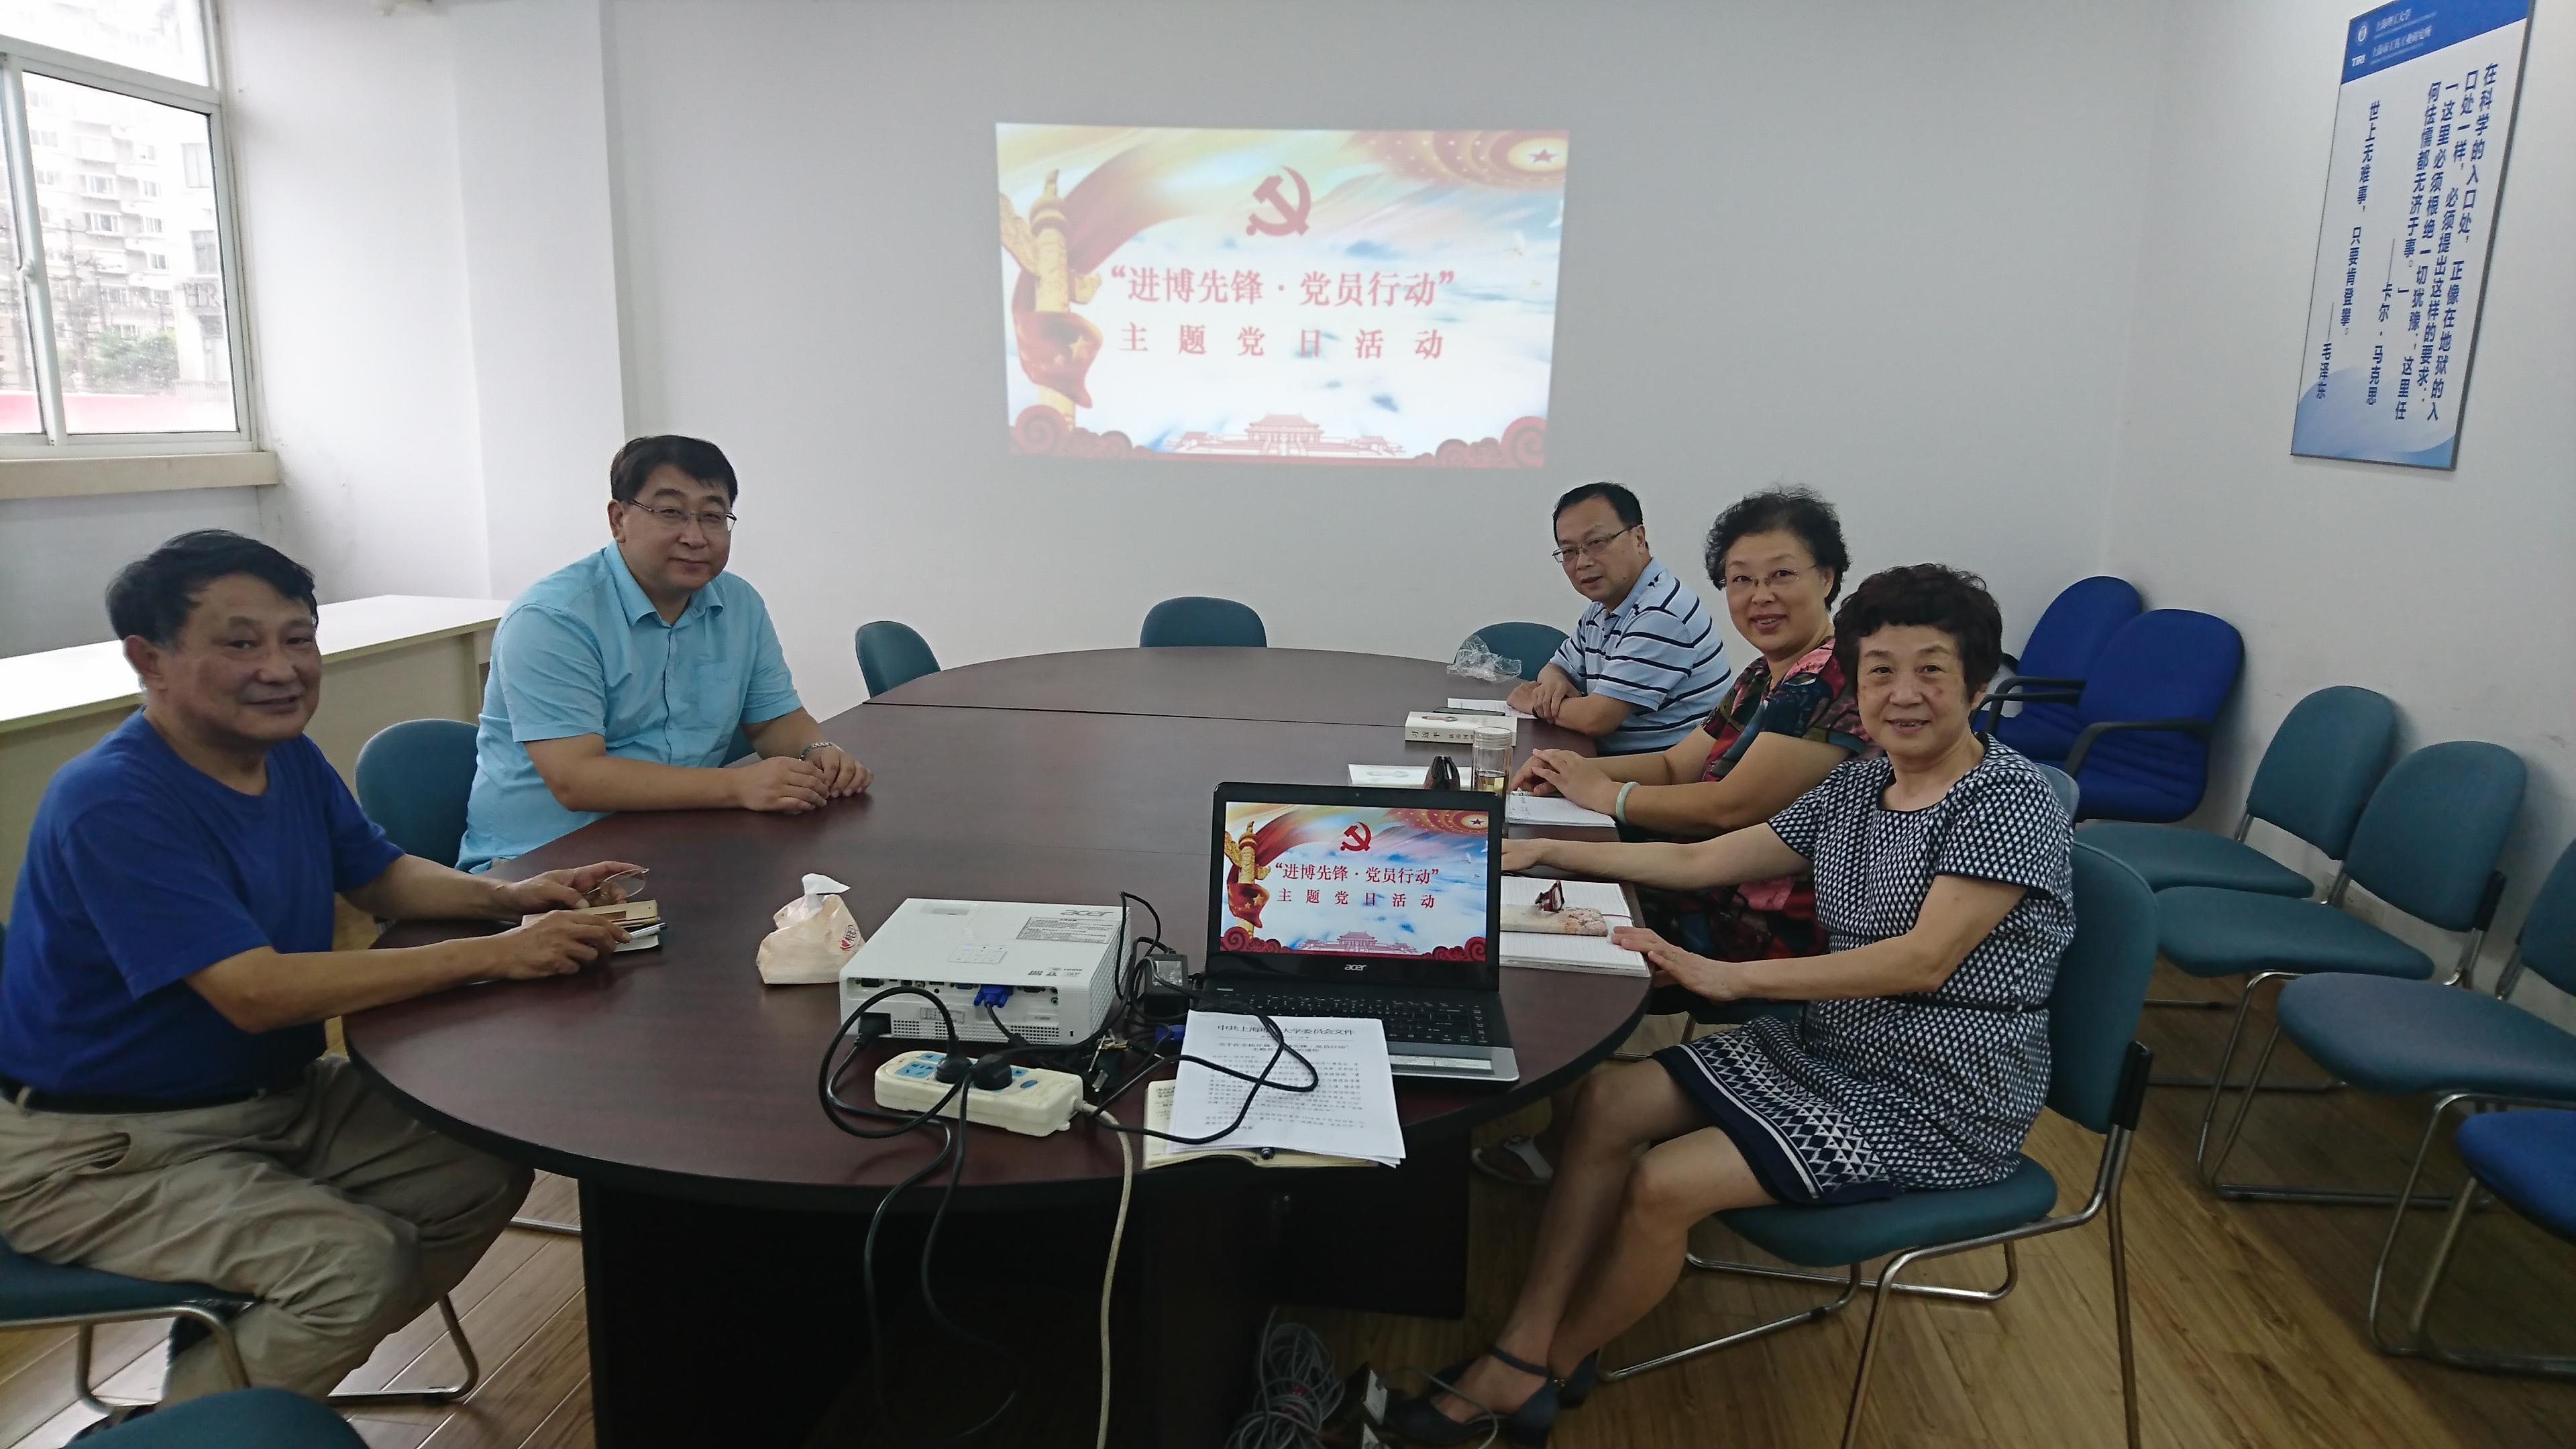 """上海市工具工业研究所开展 """"进博先锋·党员行动""""主题党日活动"""